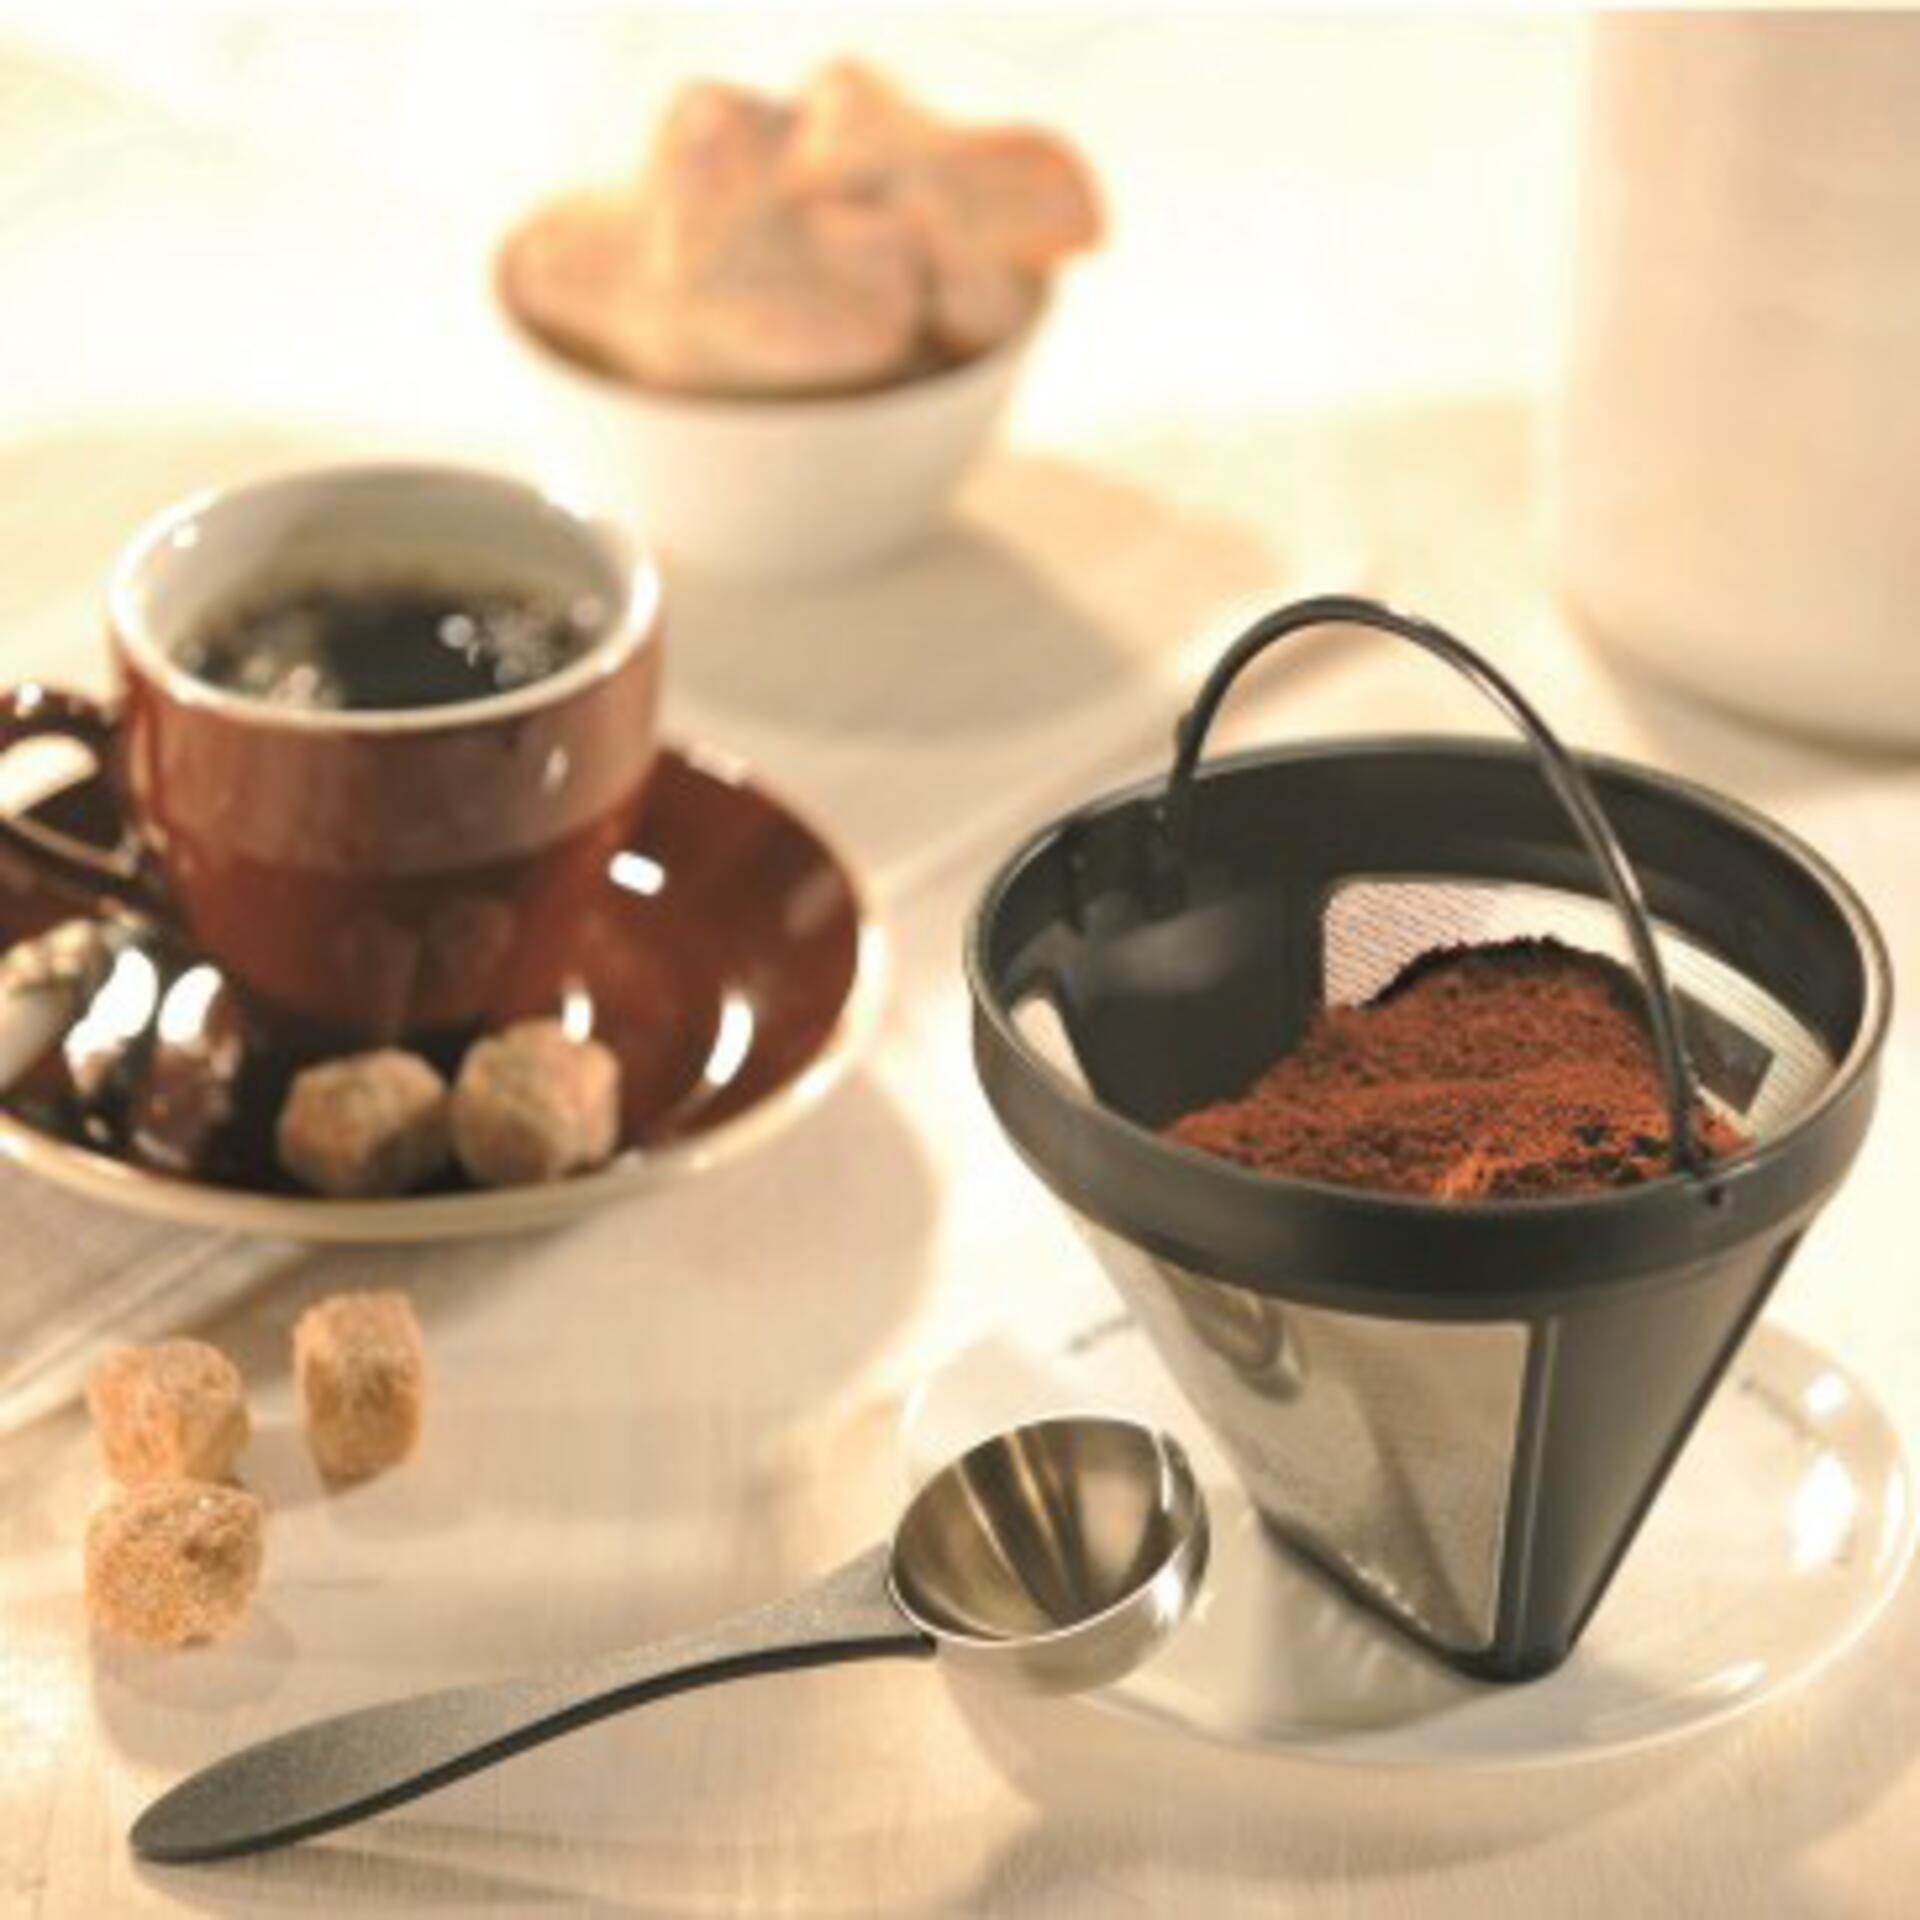 Gefu Kaffeefilter Dauereinsatz